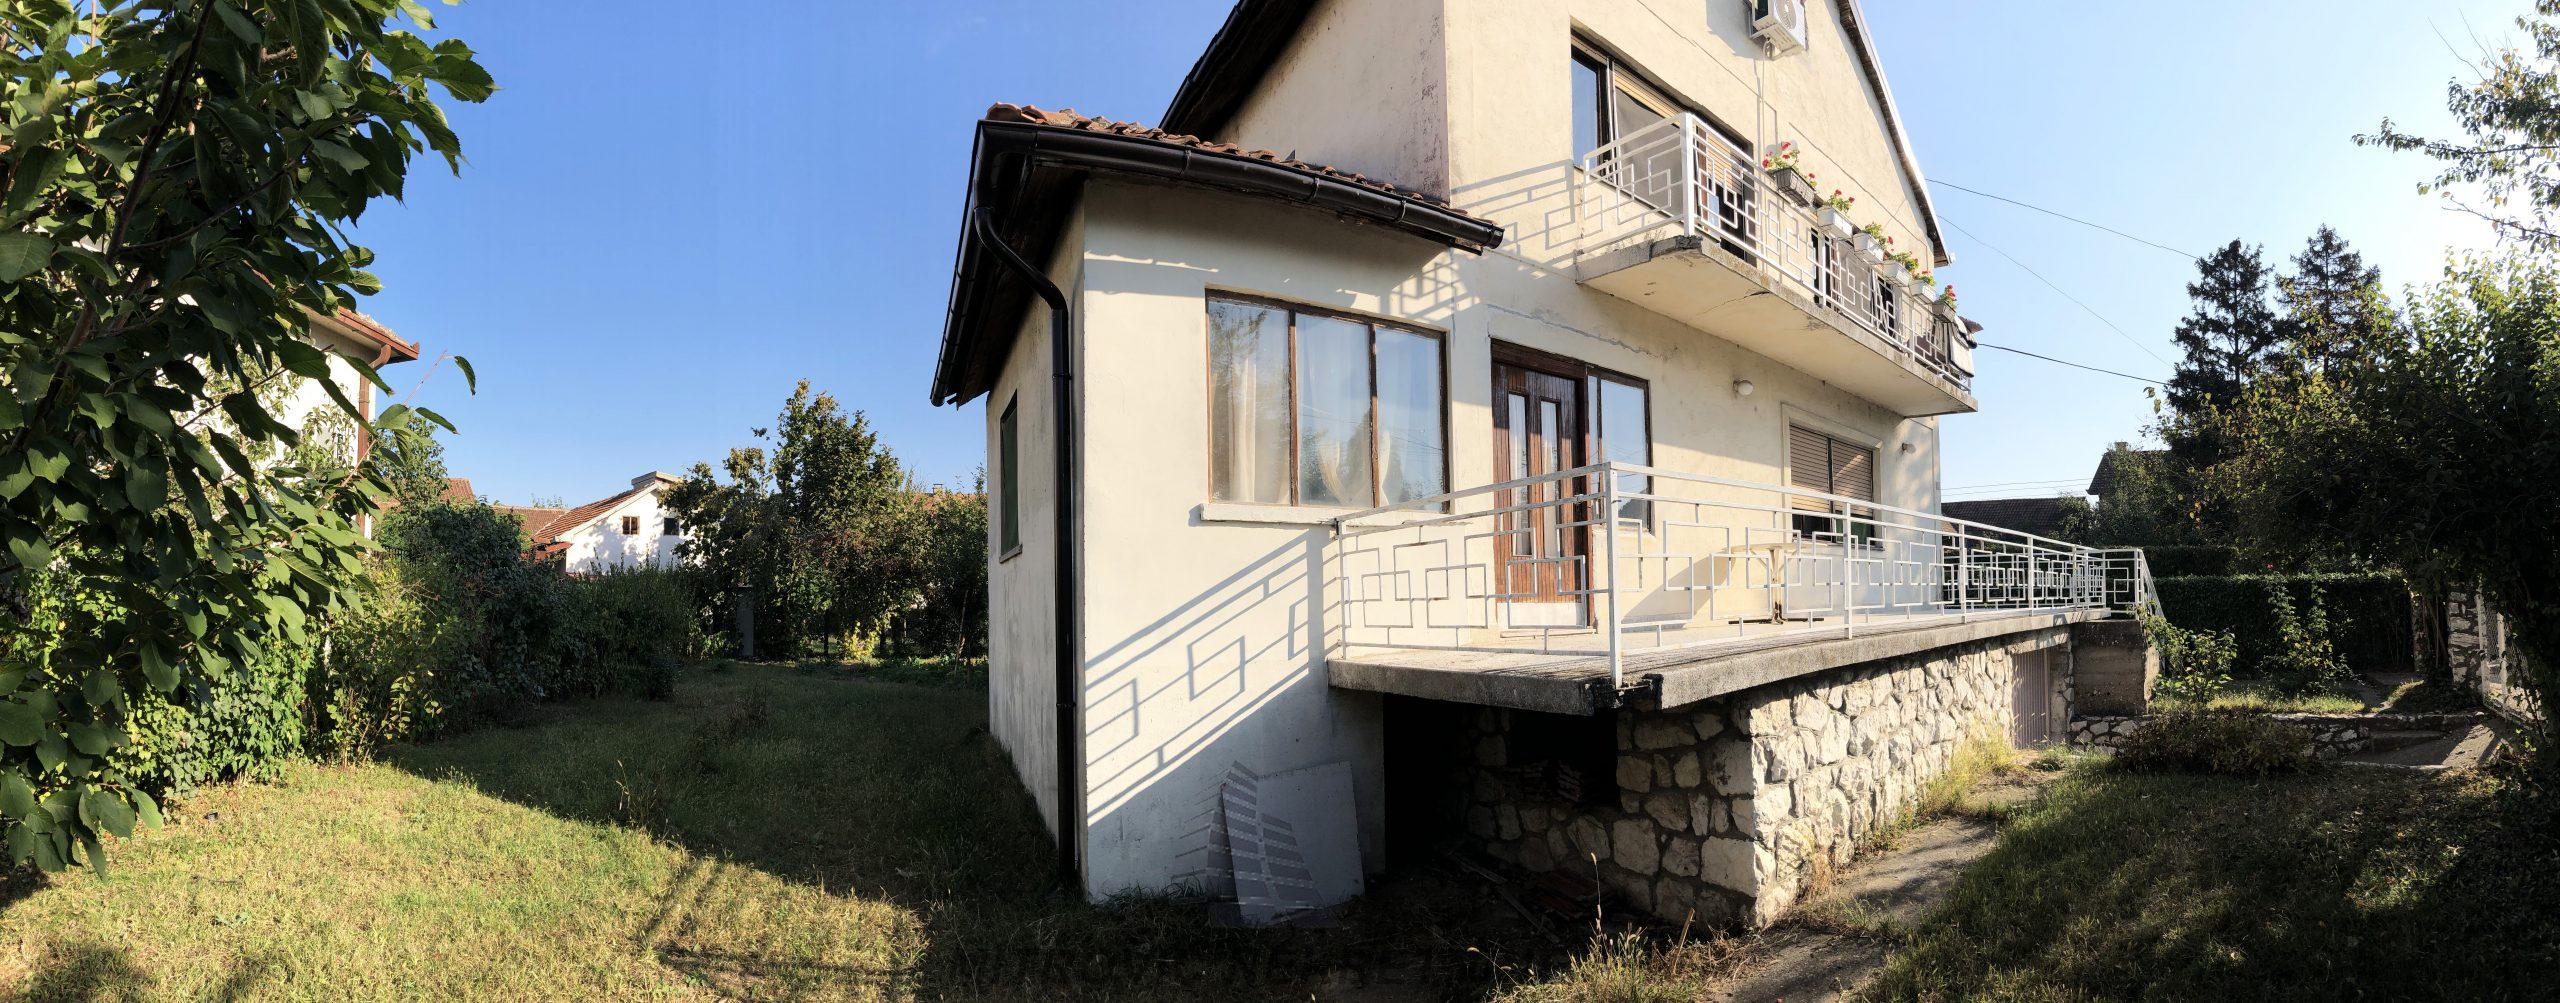 Kuća Stari Banovci, ul. Veljka Vlahovića